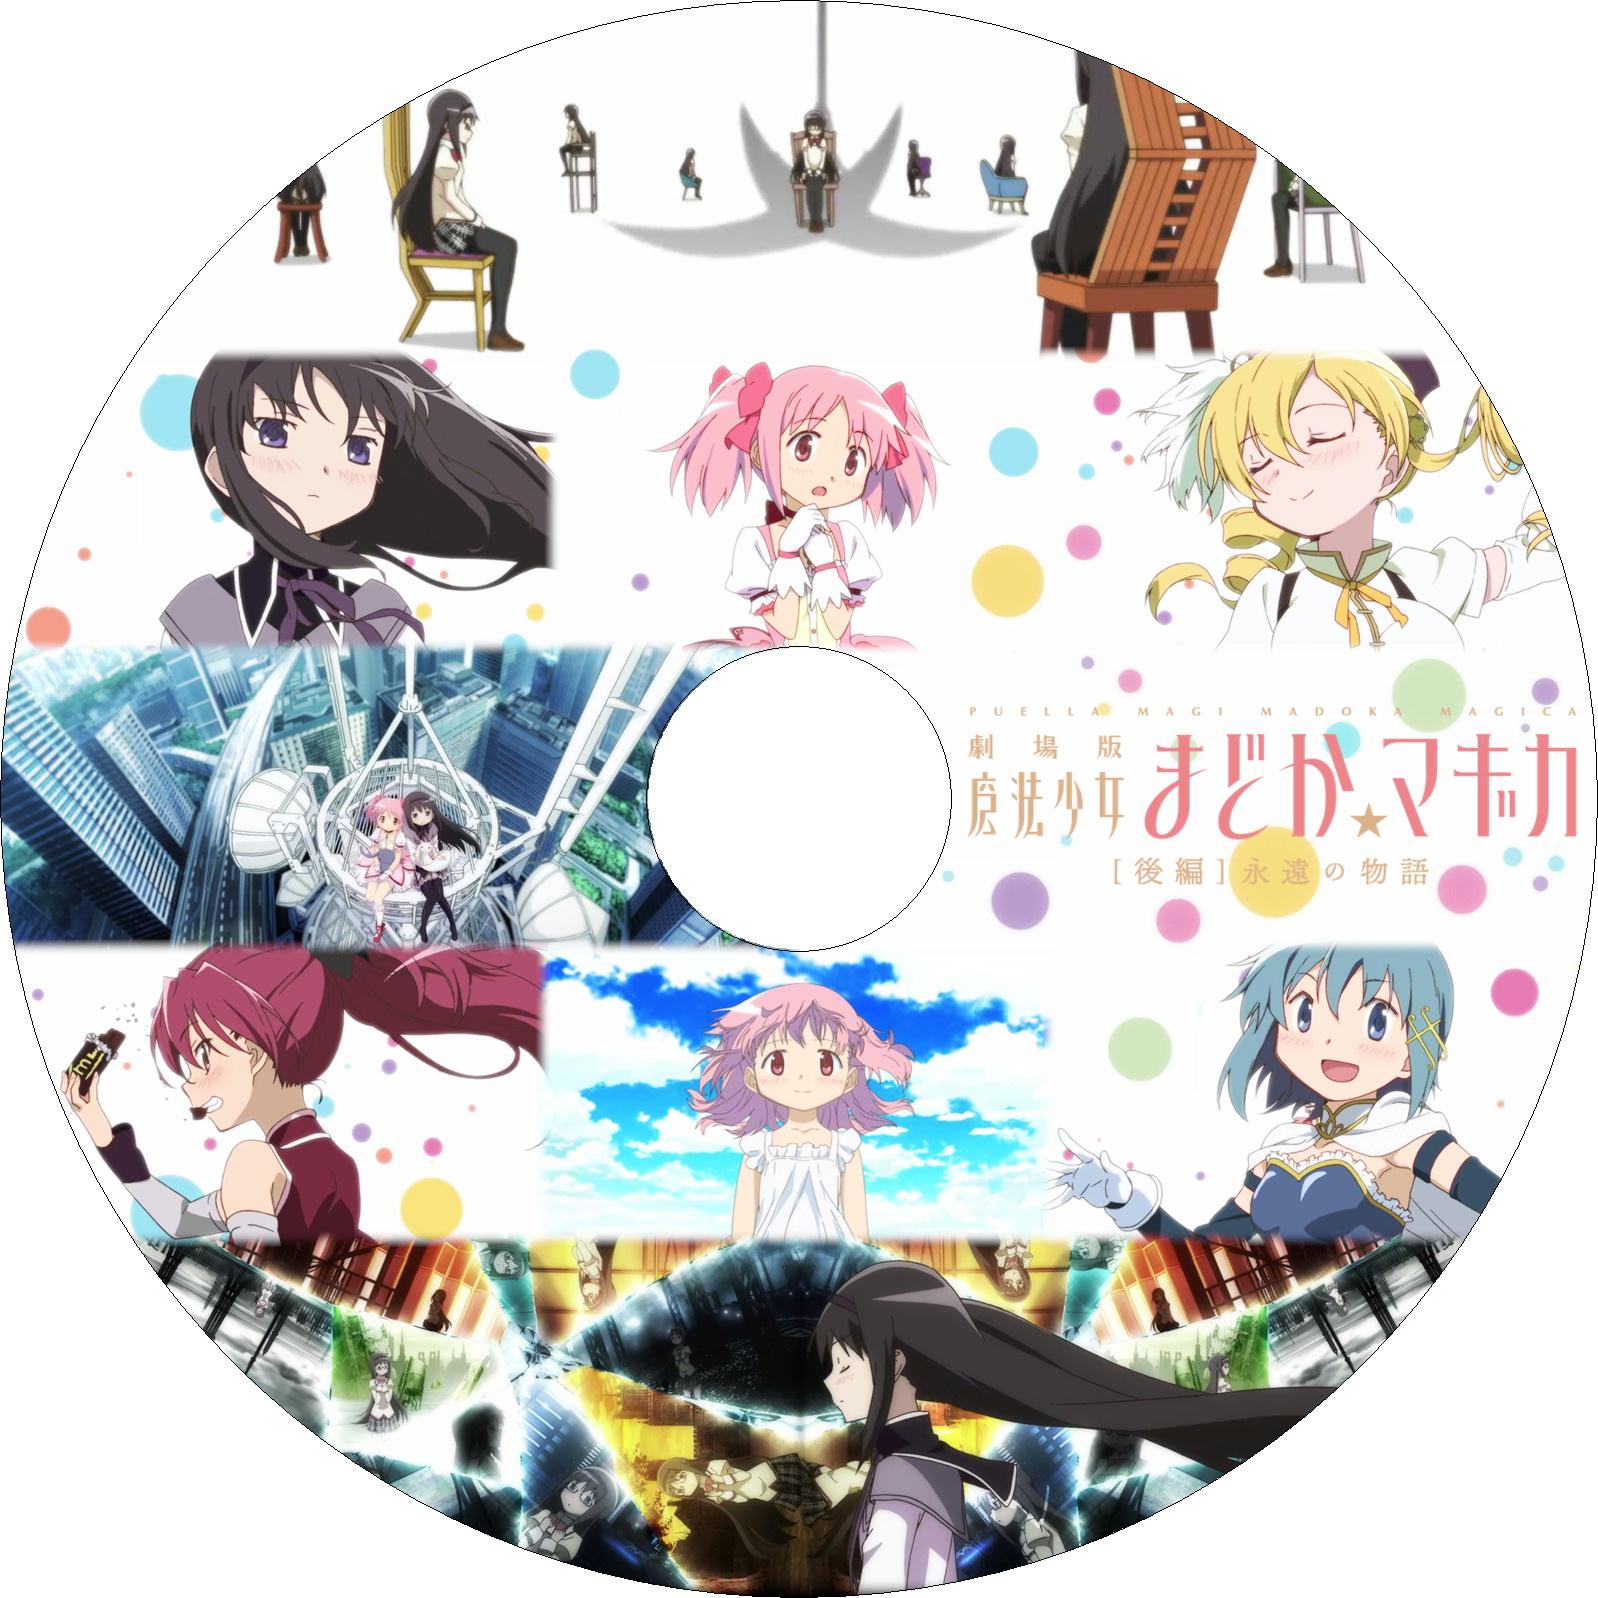 劇場版 魔法少女まどか☆マギカ [後編] 永遠の物語 ラベル改